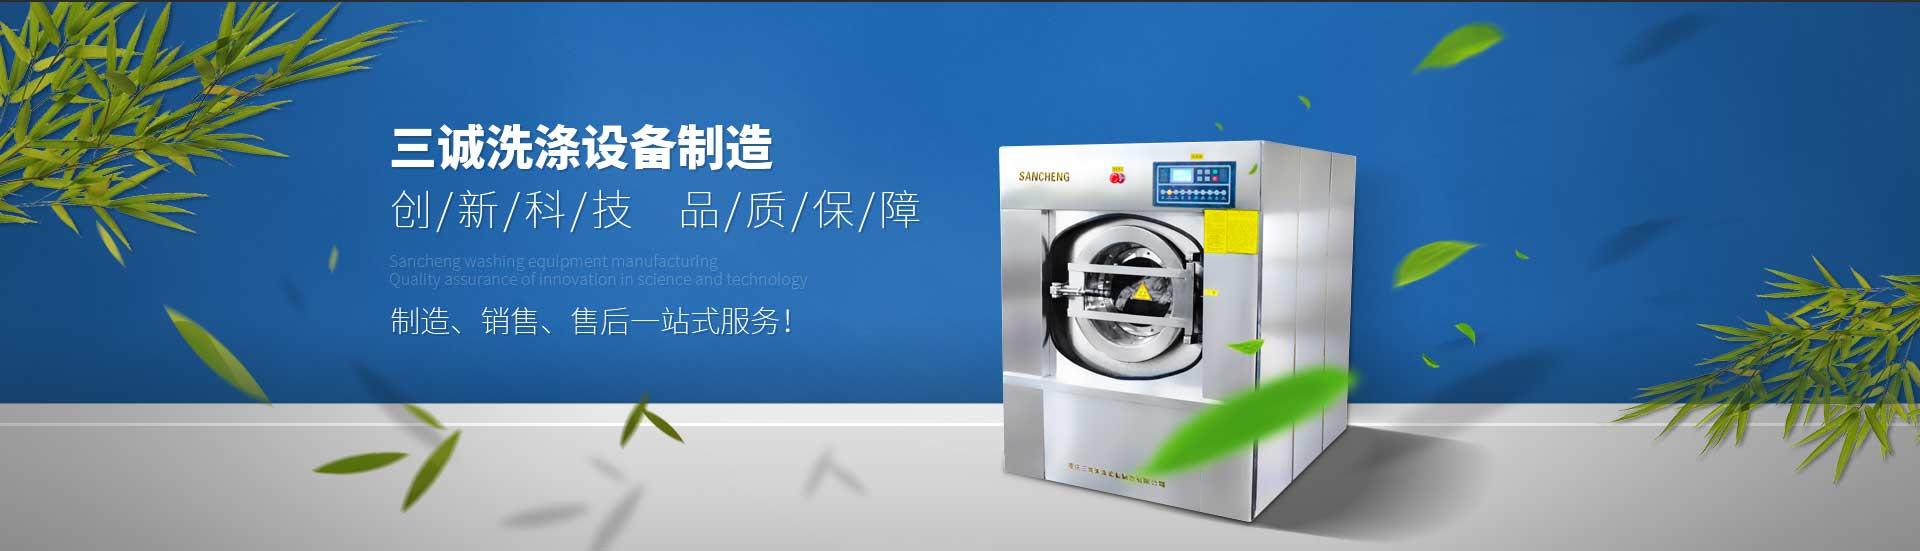 重庆工业万博登录手机版厂家